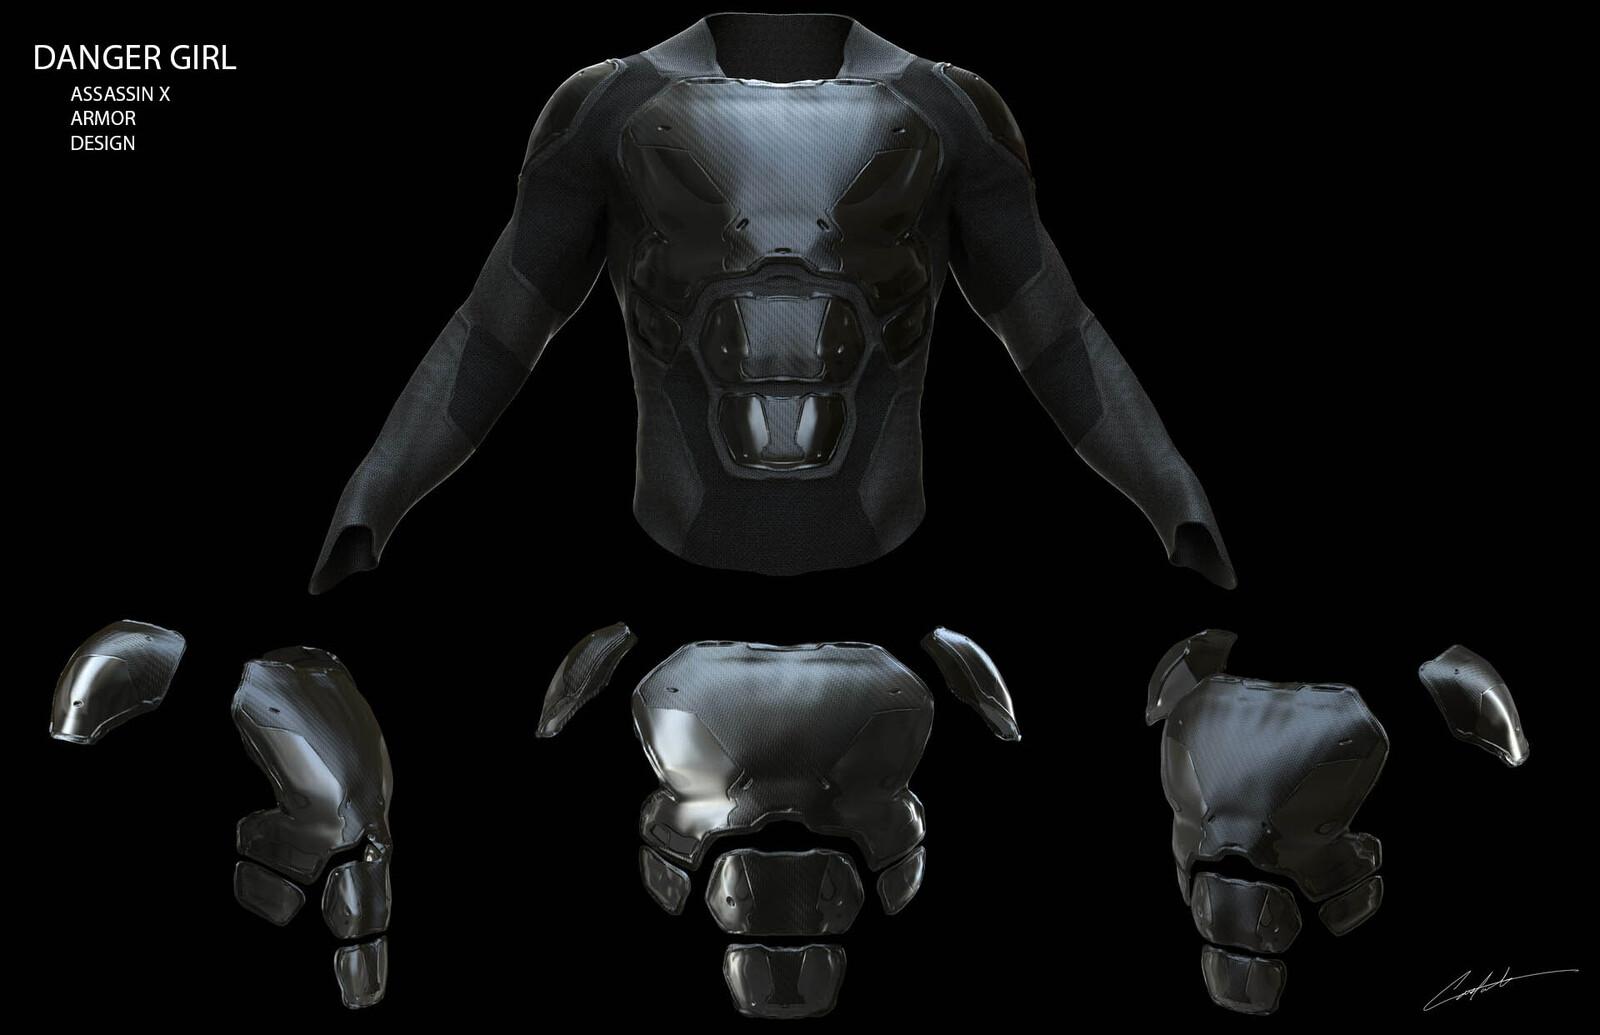 """Danger Girl """"Assissin X"""" Armor design"""